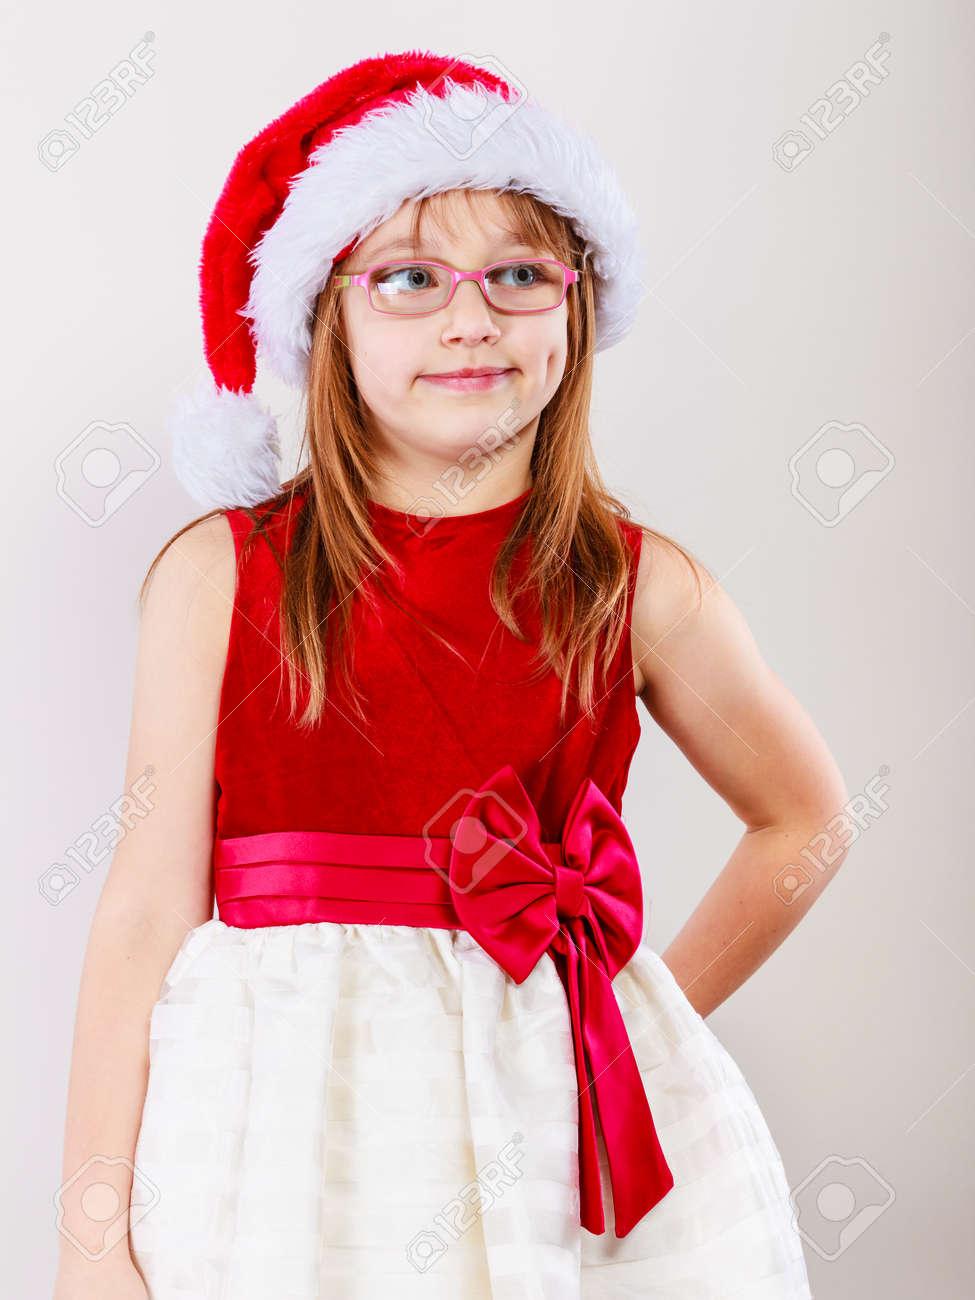 Der Weihnachten.Der Weihnachten Mädchenwie Konzeptkleines Zeit Mit Familie Wkp0xnon8z